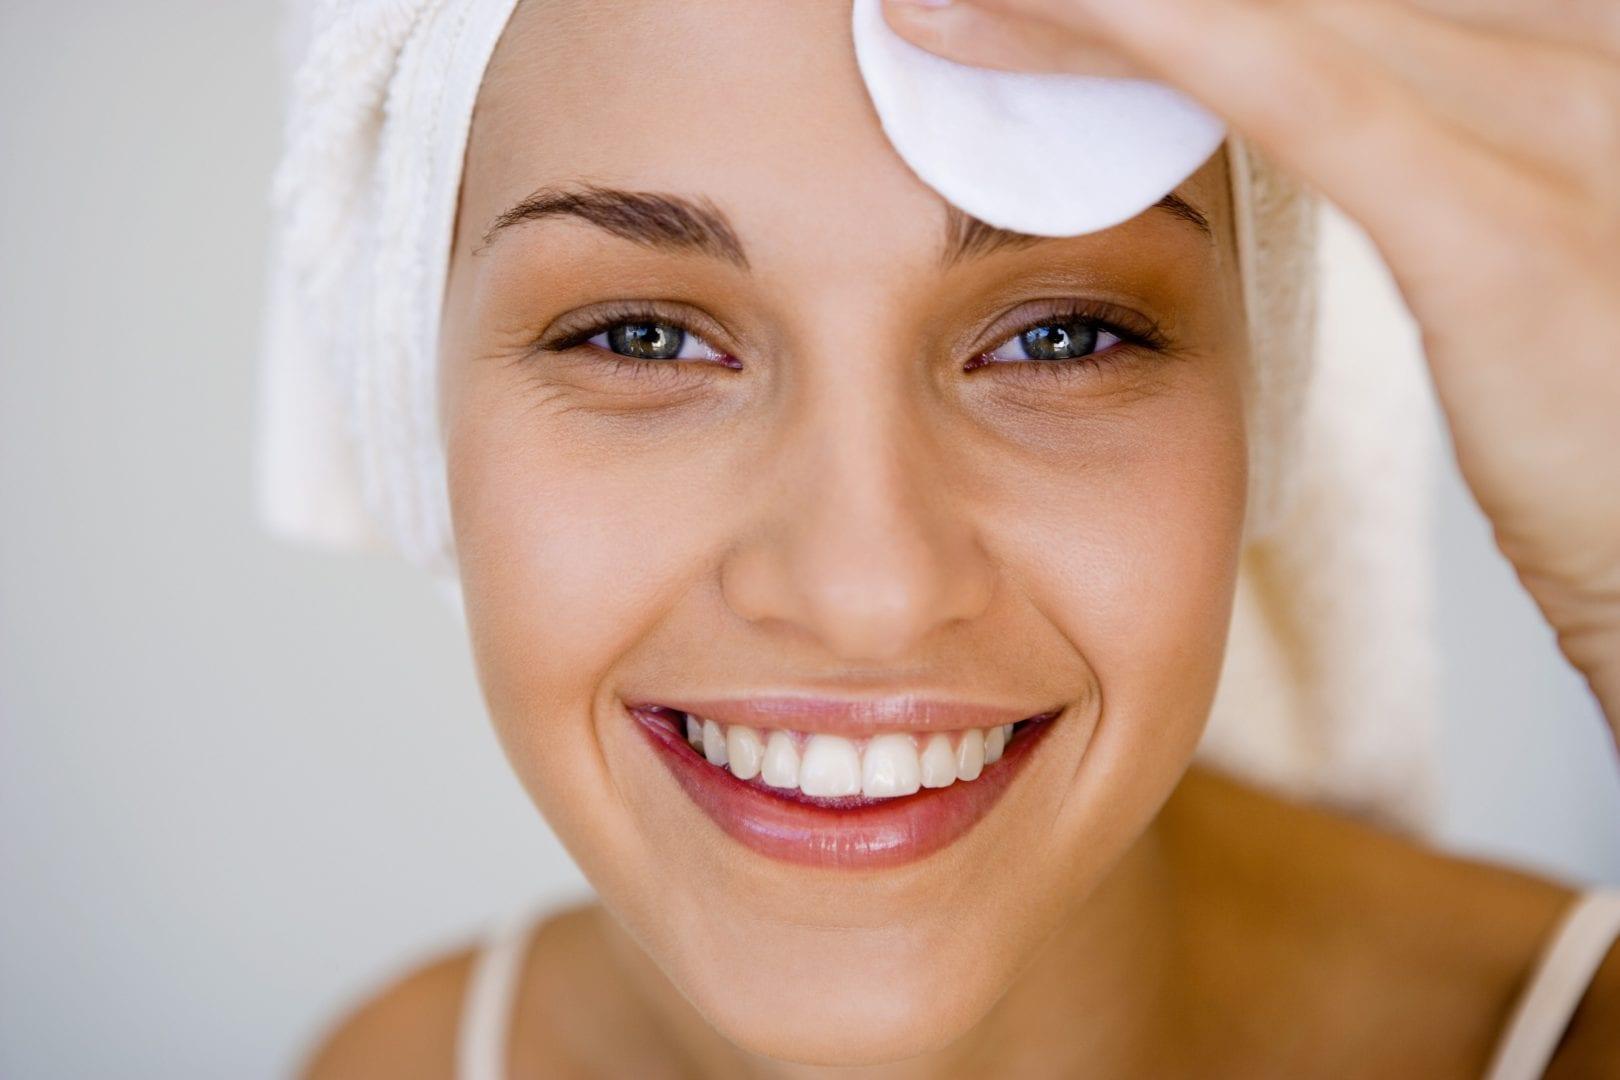 Sabia que é essencial a vitamina C para o rosto e sua saúde?